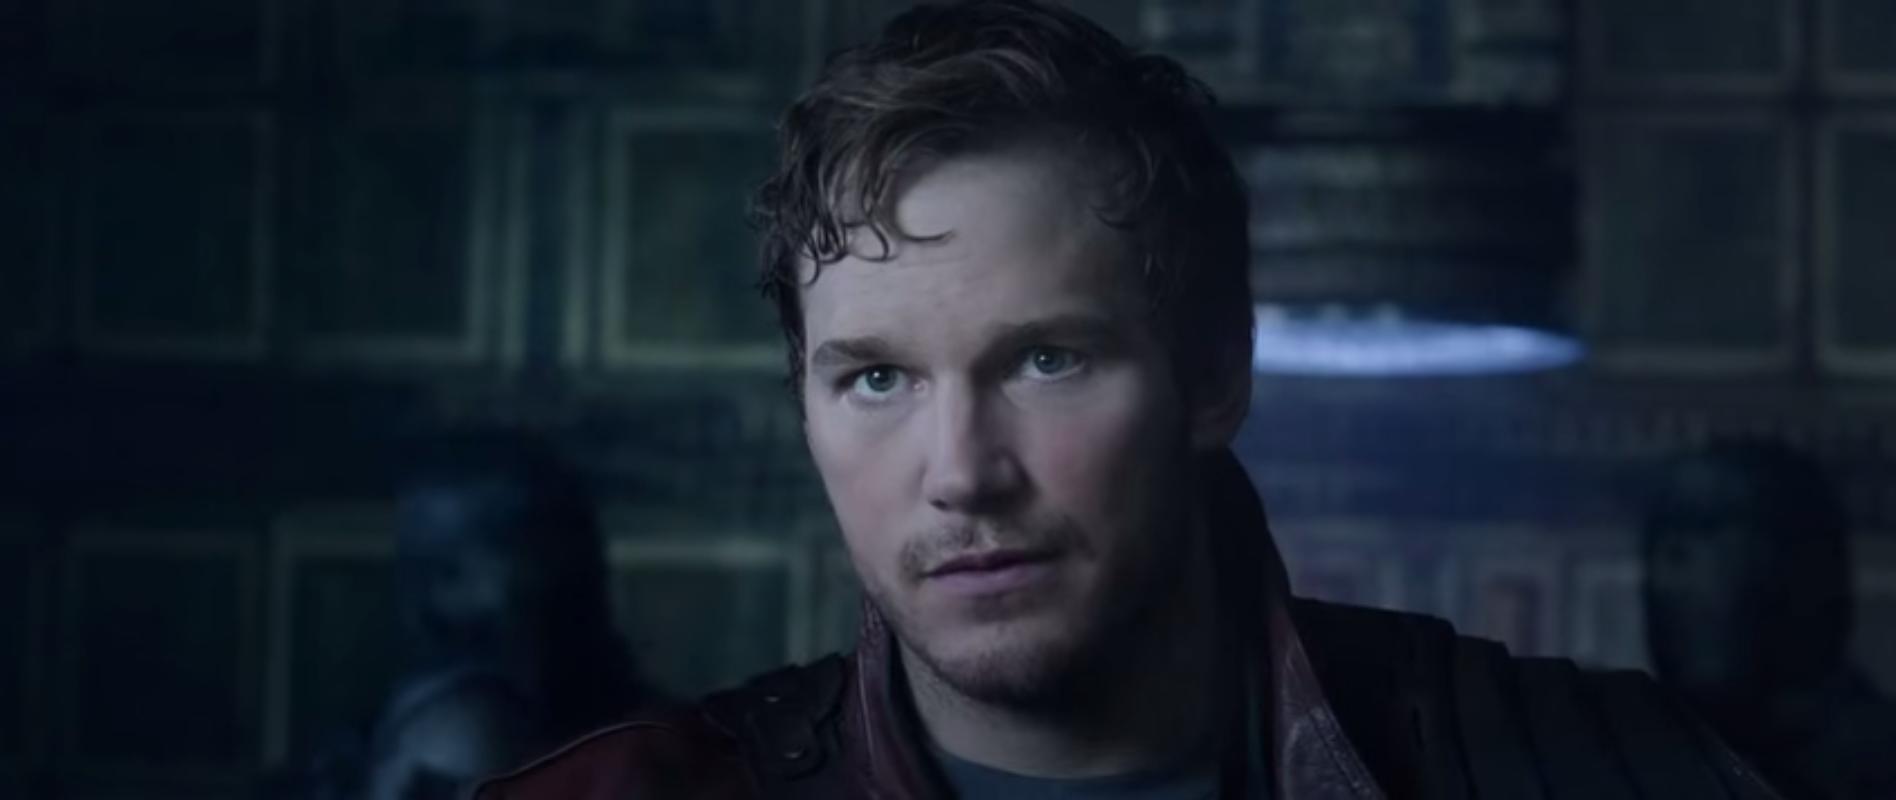 Chris Pratt screengrab